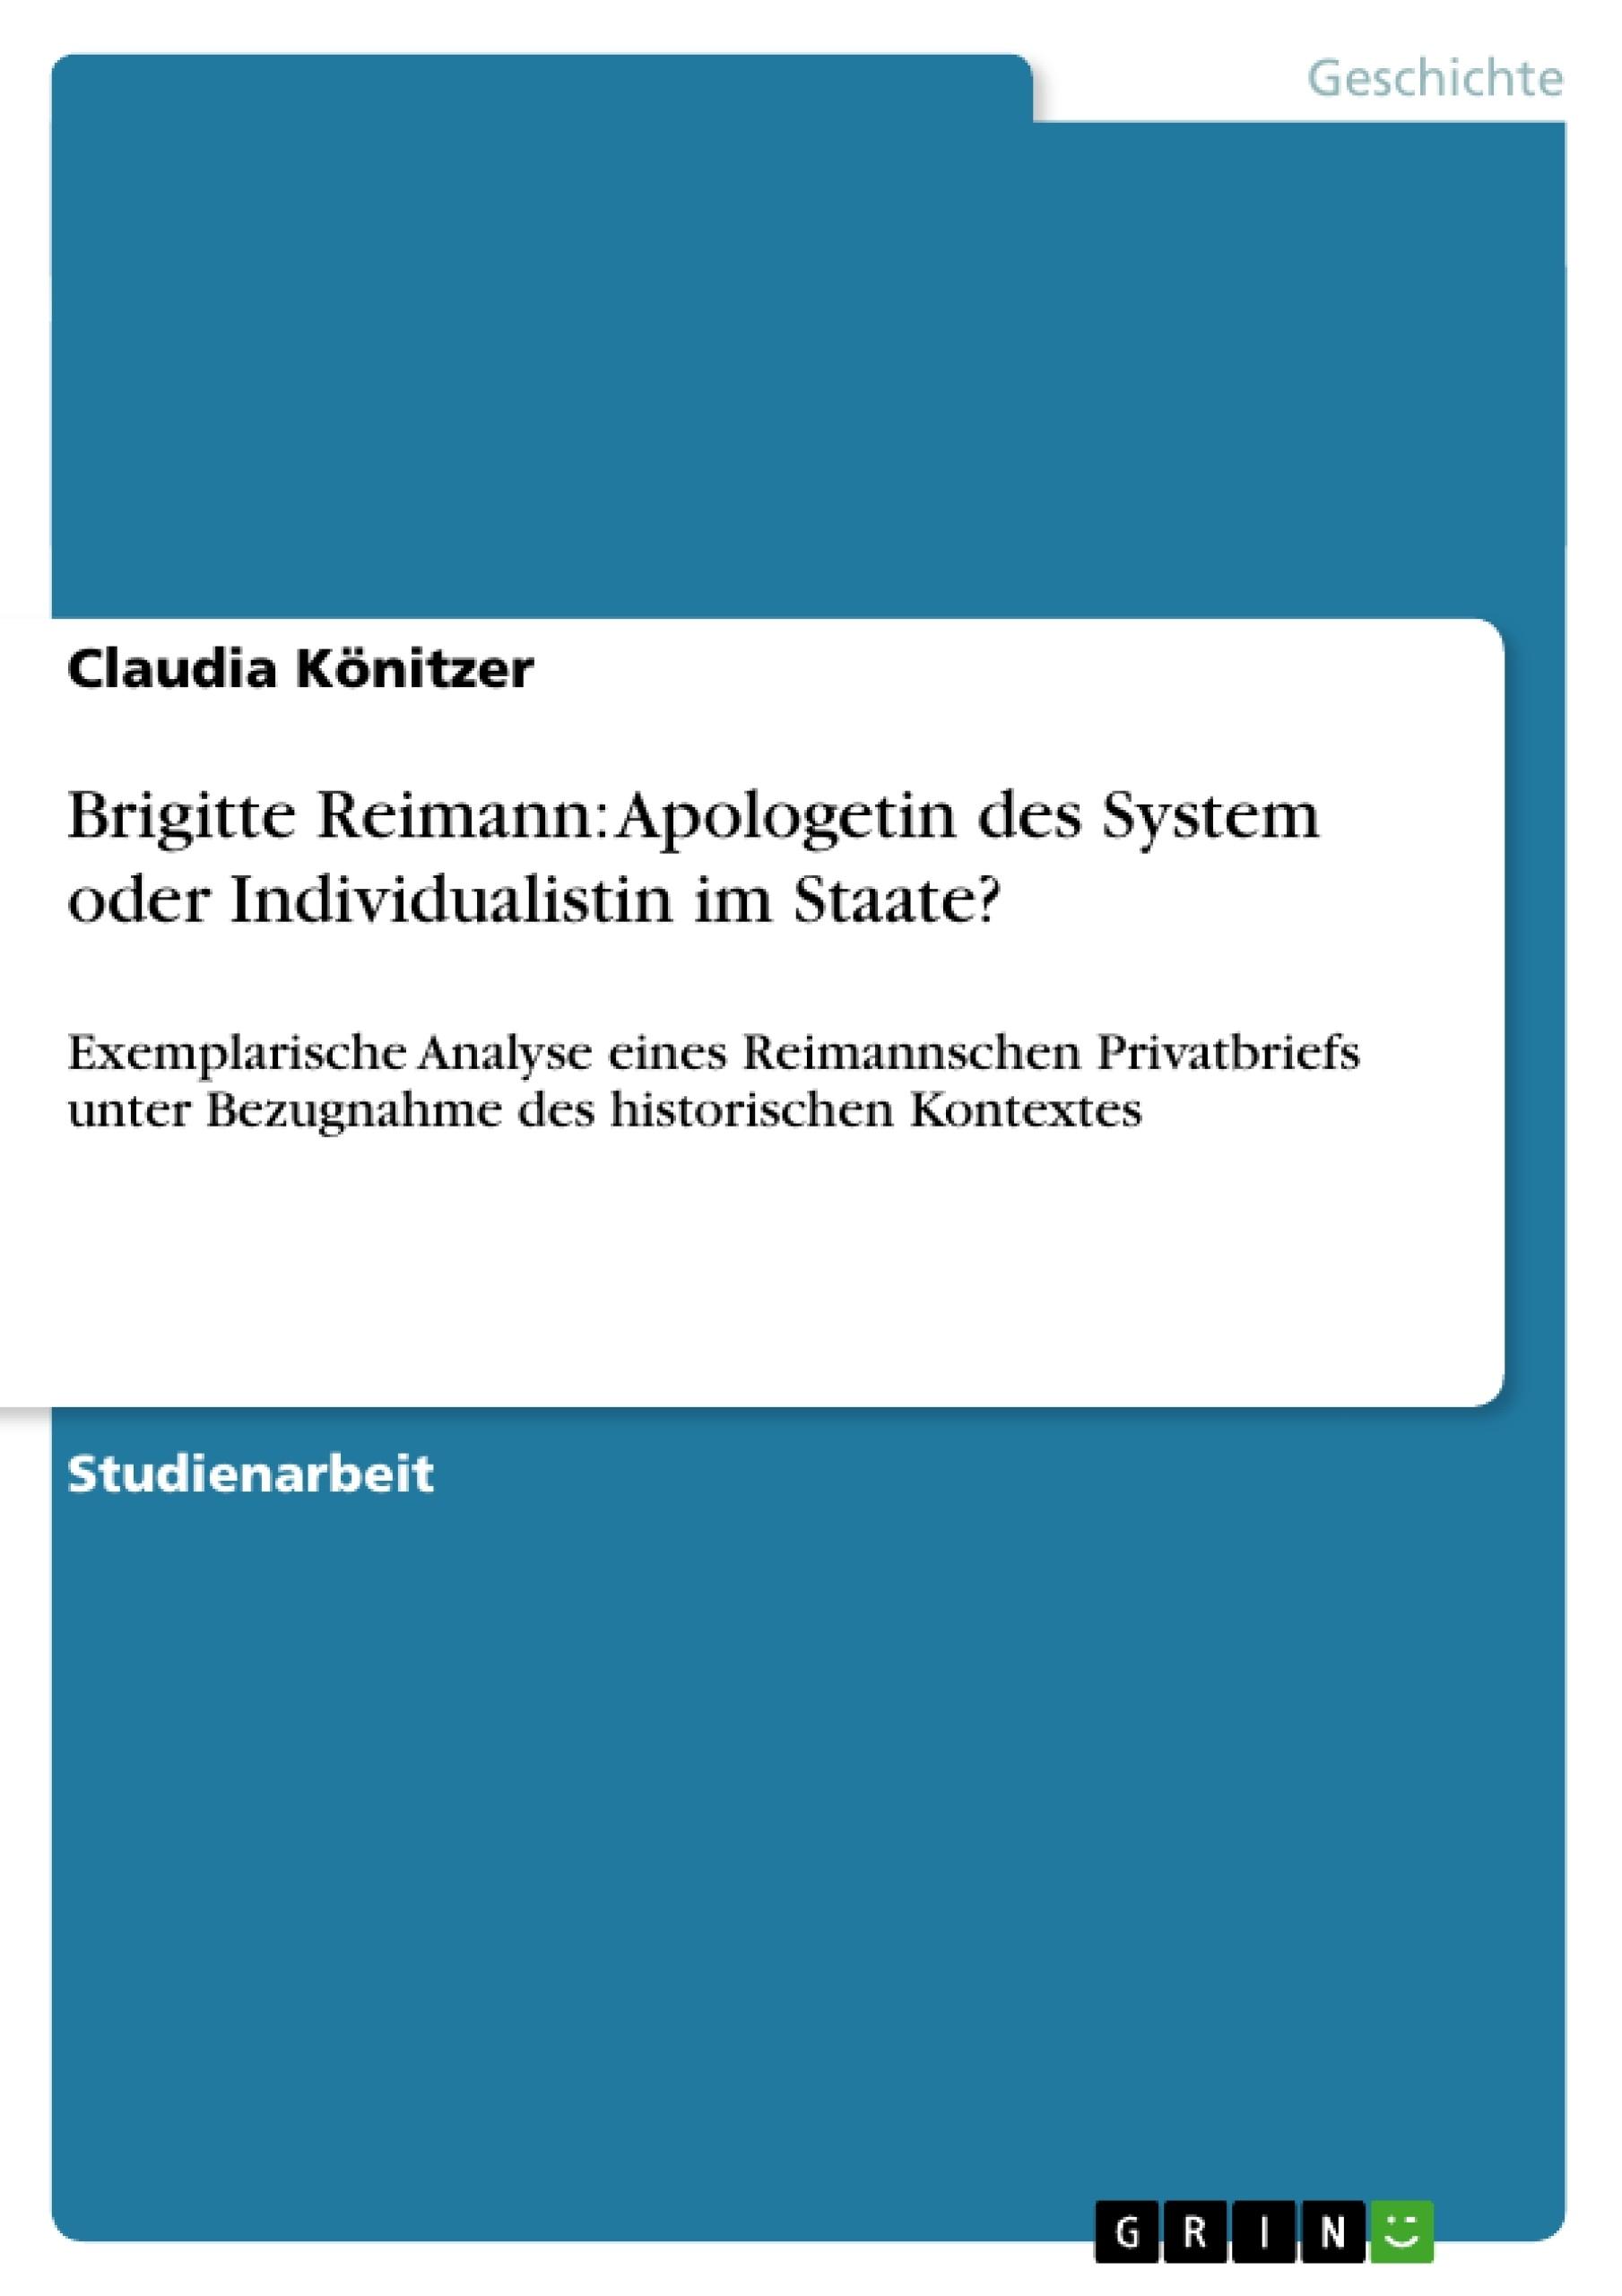 Titel: Brigitte Reimann: Apologetin des System oder Individualistin im Staate?